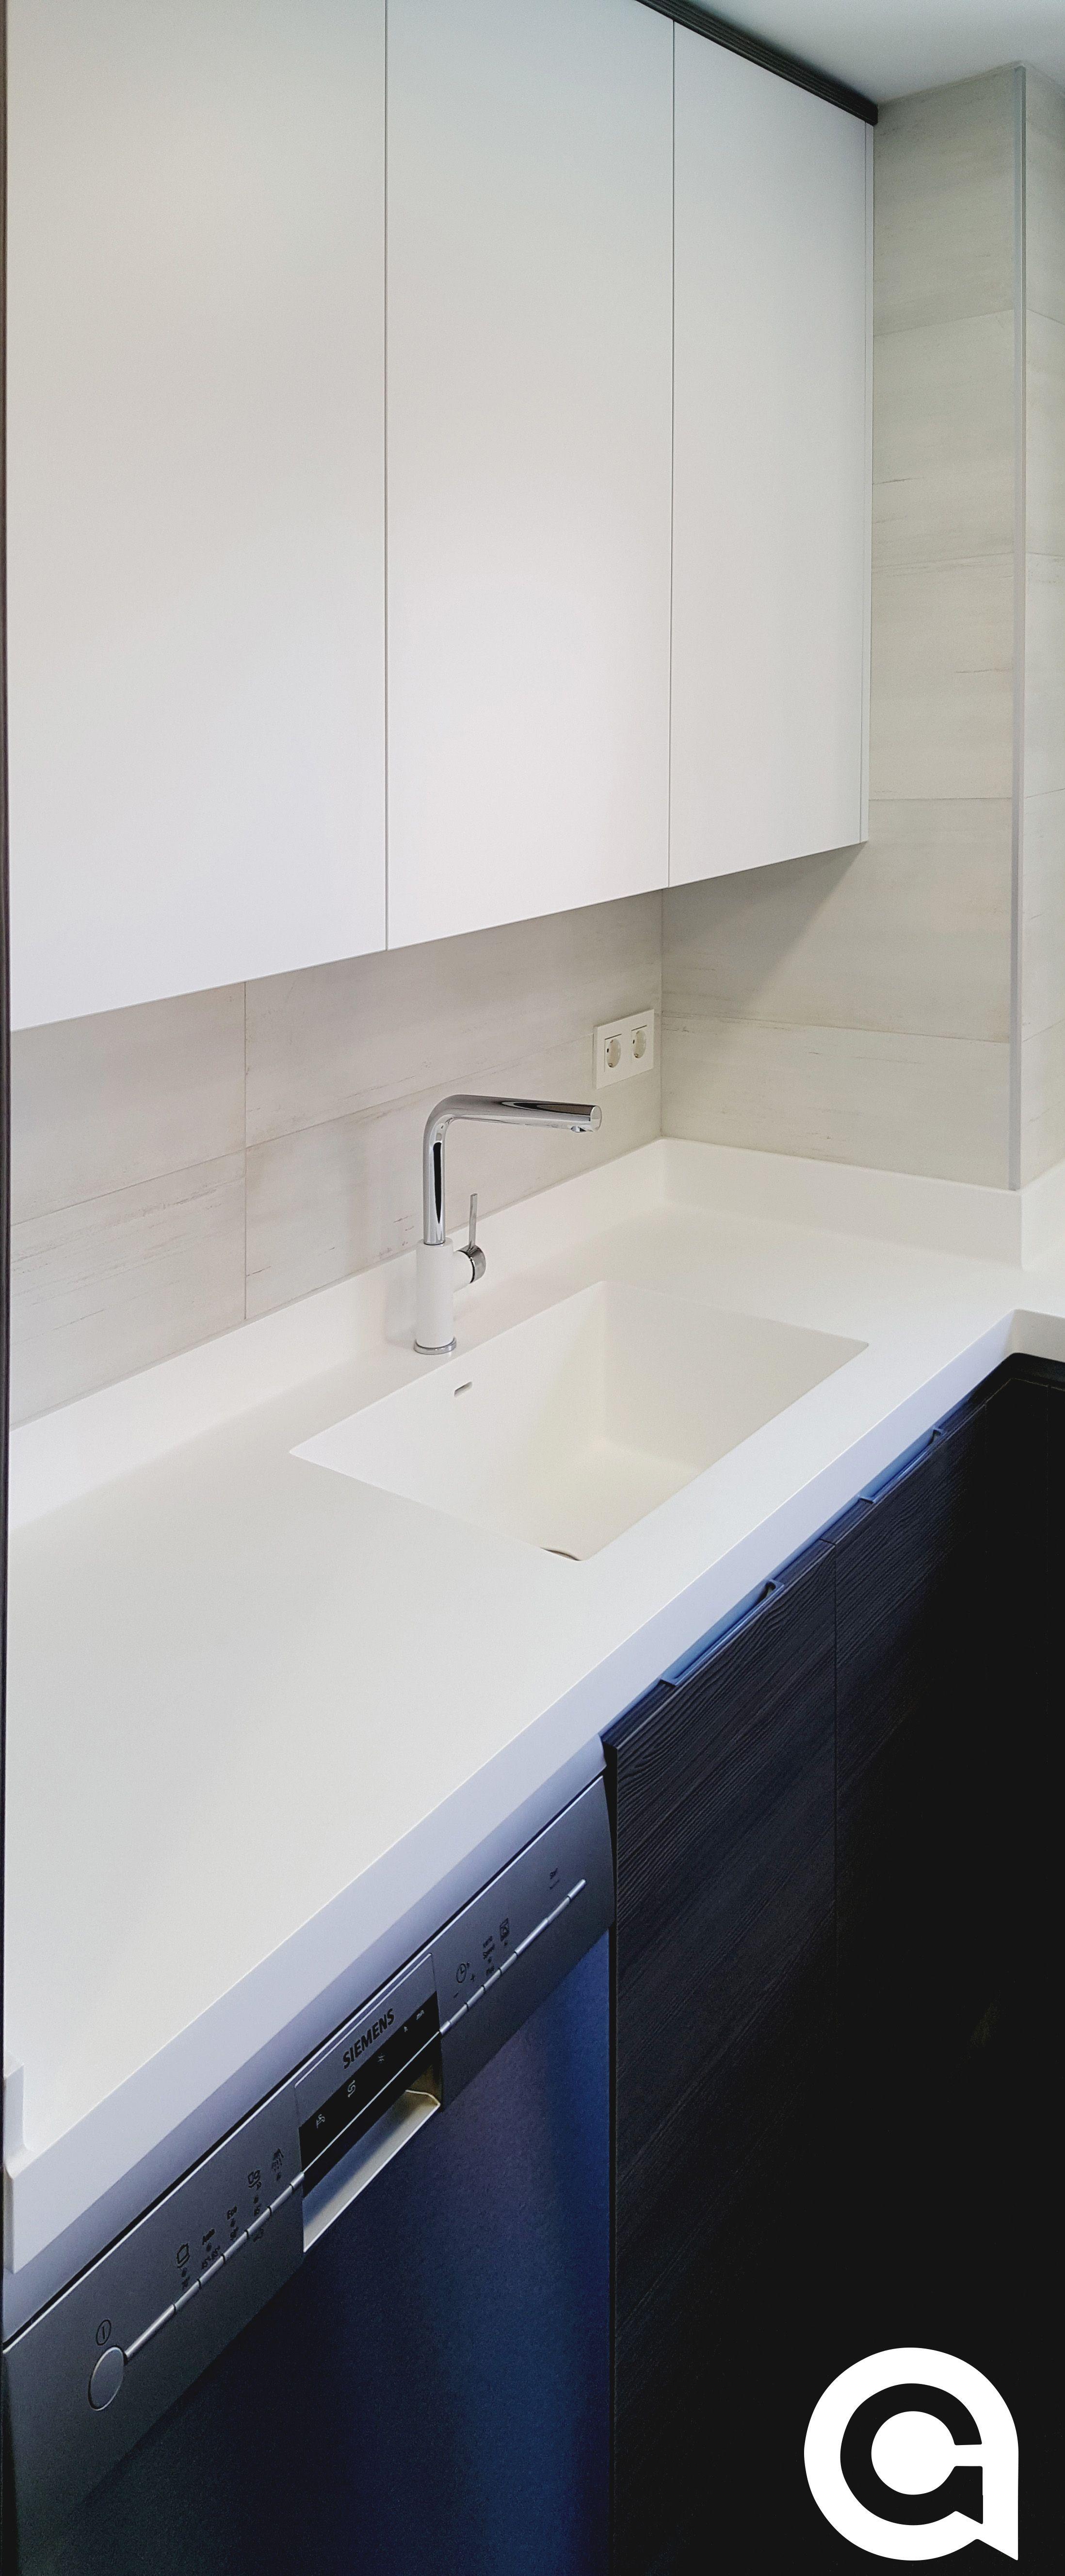 Dorable Cocina Asequible Remodelación Dallas Viñeta - Ideas de ...